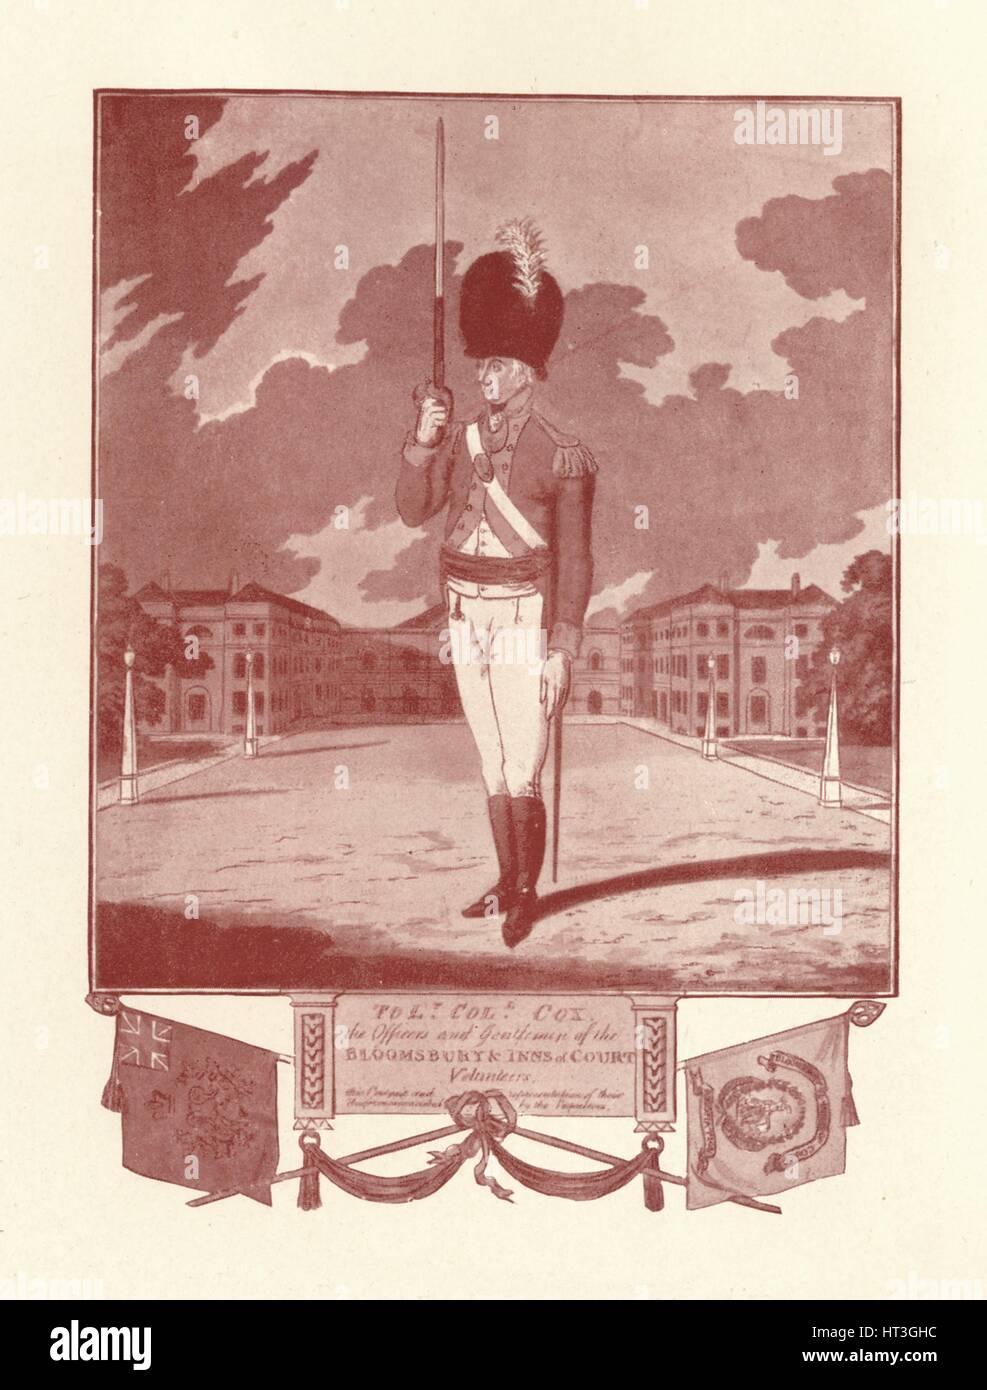 'Officers and Gentlemen of the Bloomsbury & Inns of Court Volunteers', 1780-1820, (1909).  Artist: Charles - Stock Image